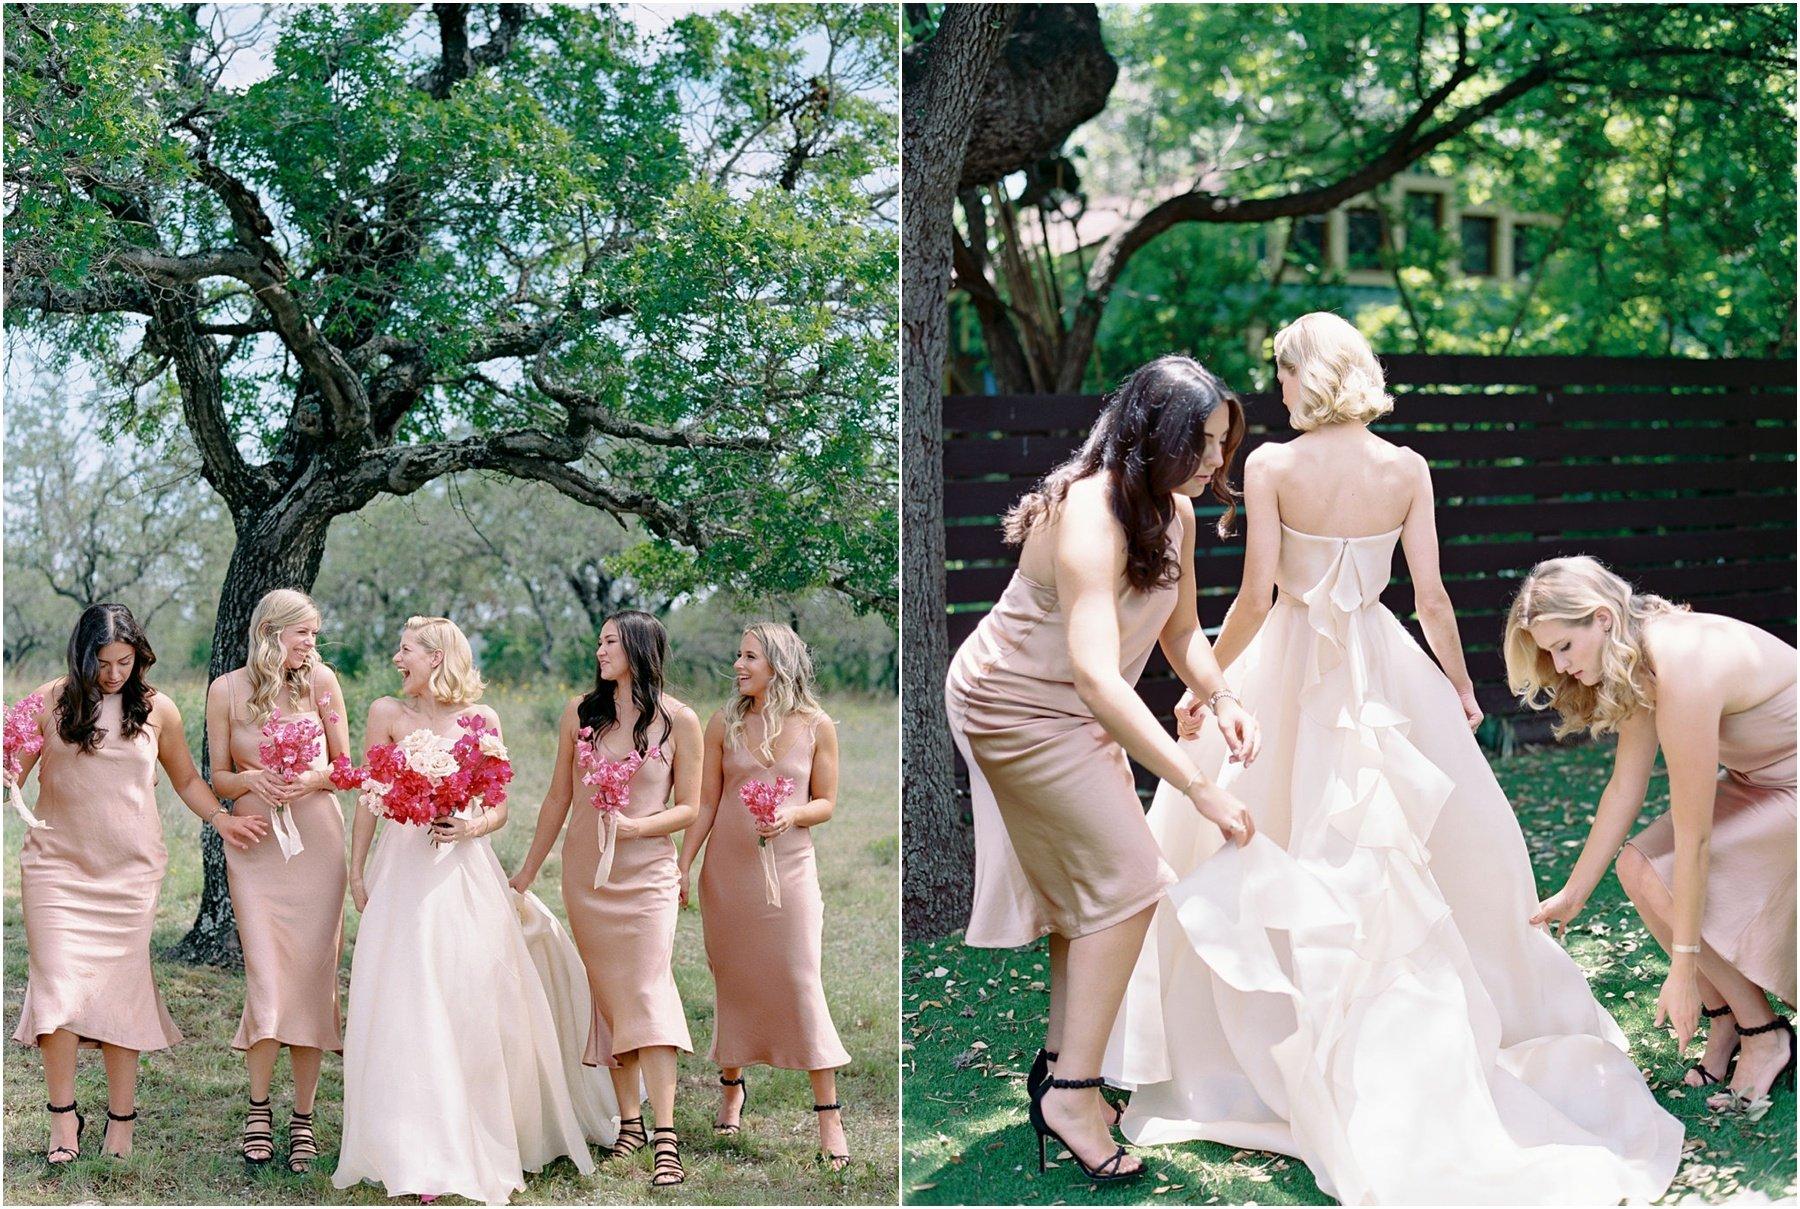 Bride and bridesmaids holding fuchsia bougainvillea bouquets